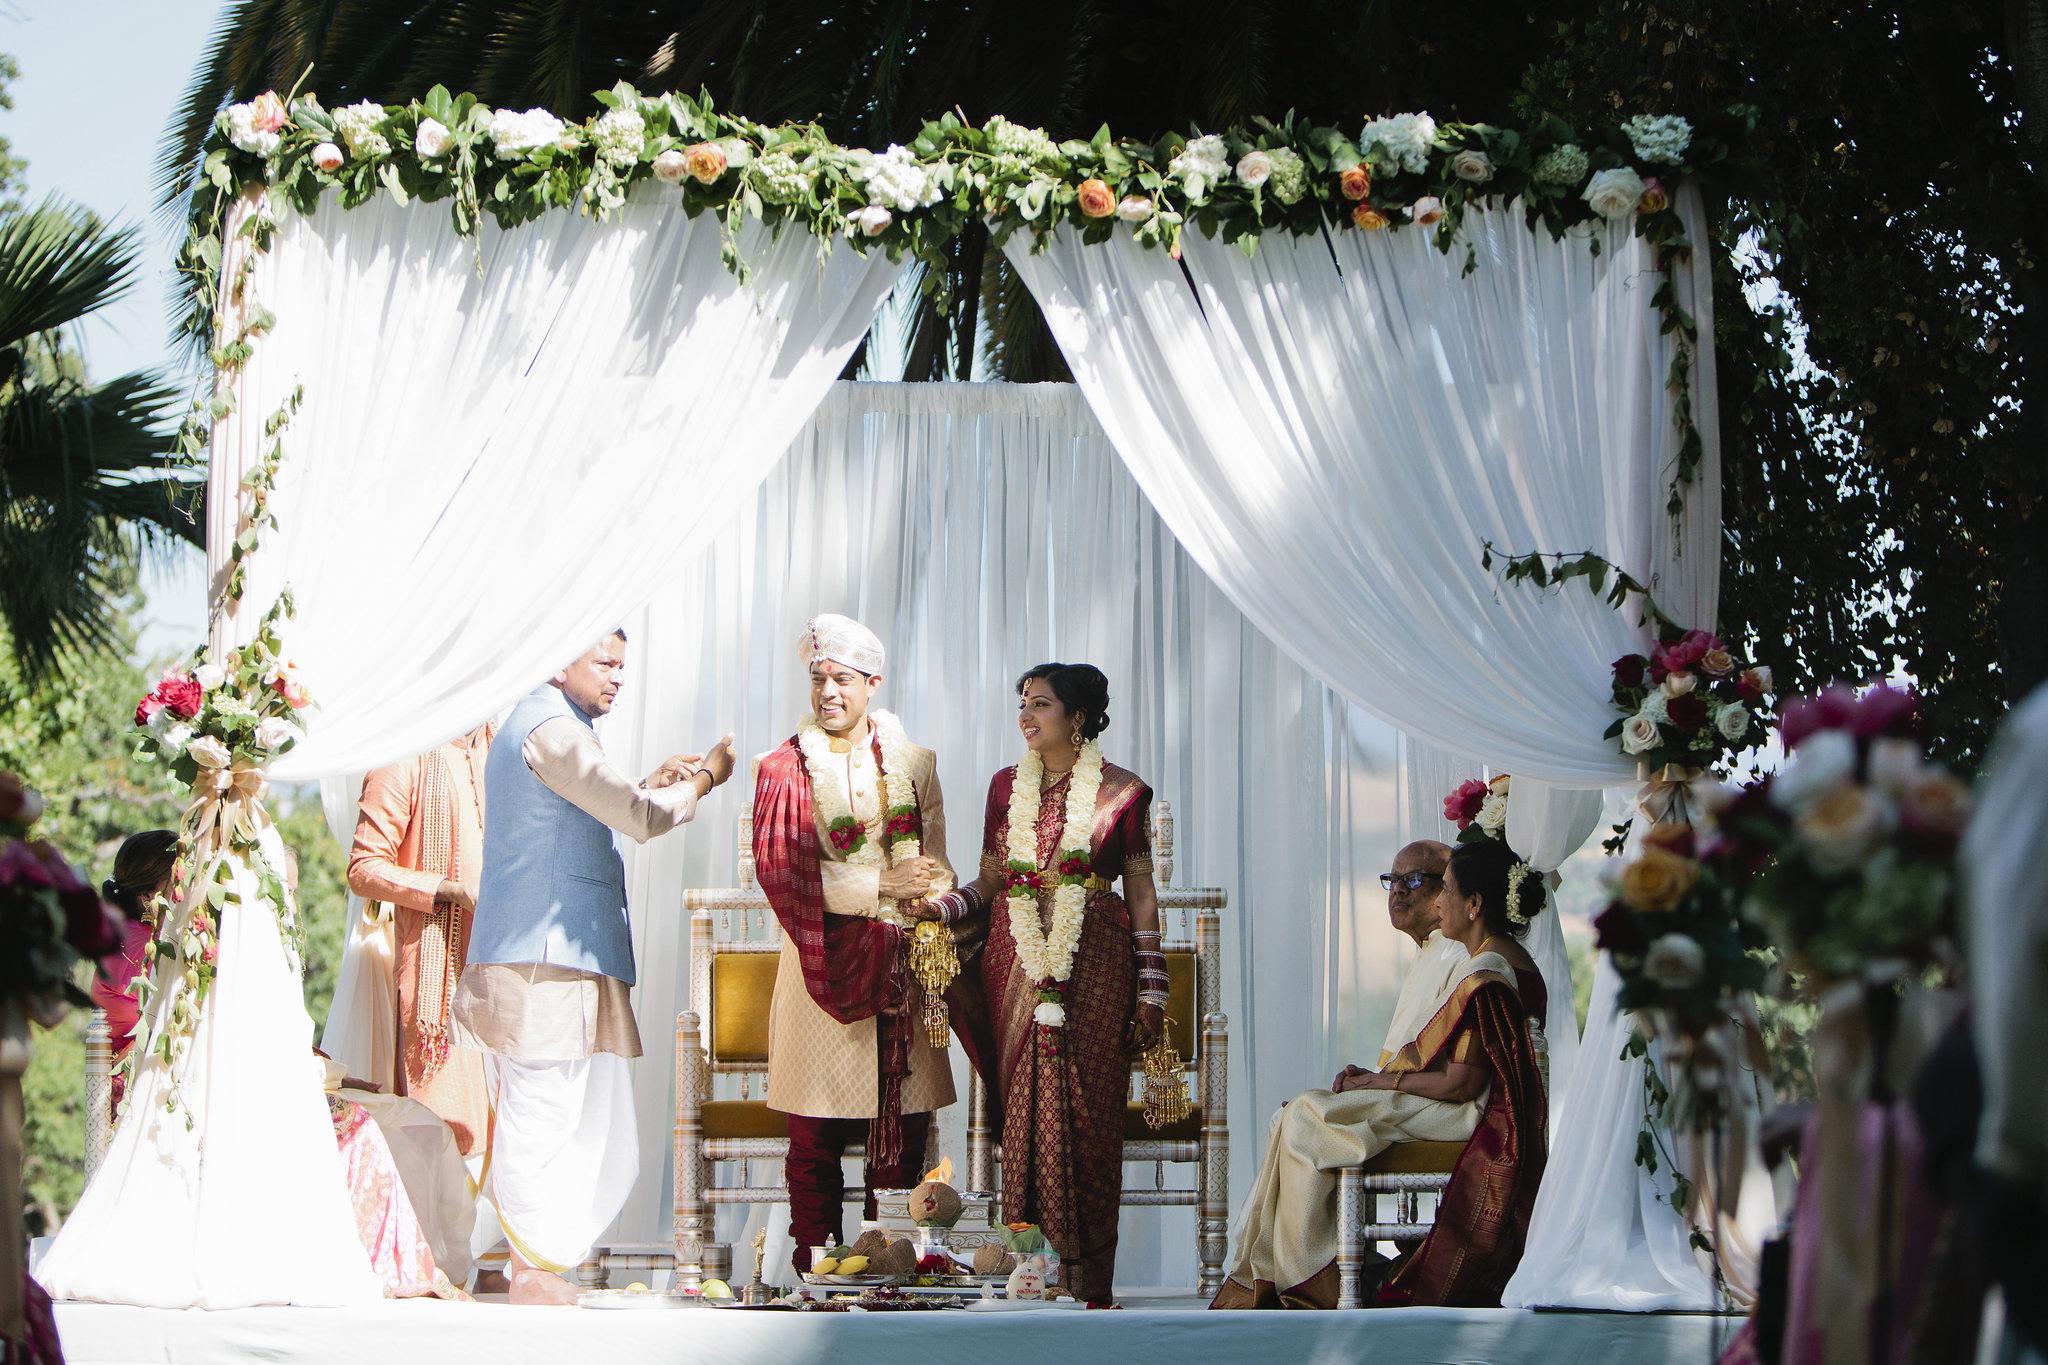 Castlewood-Country-Club-Wedding-021.JPG